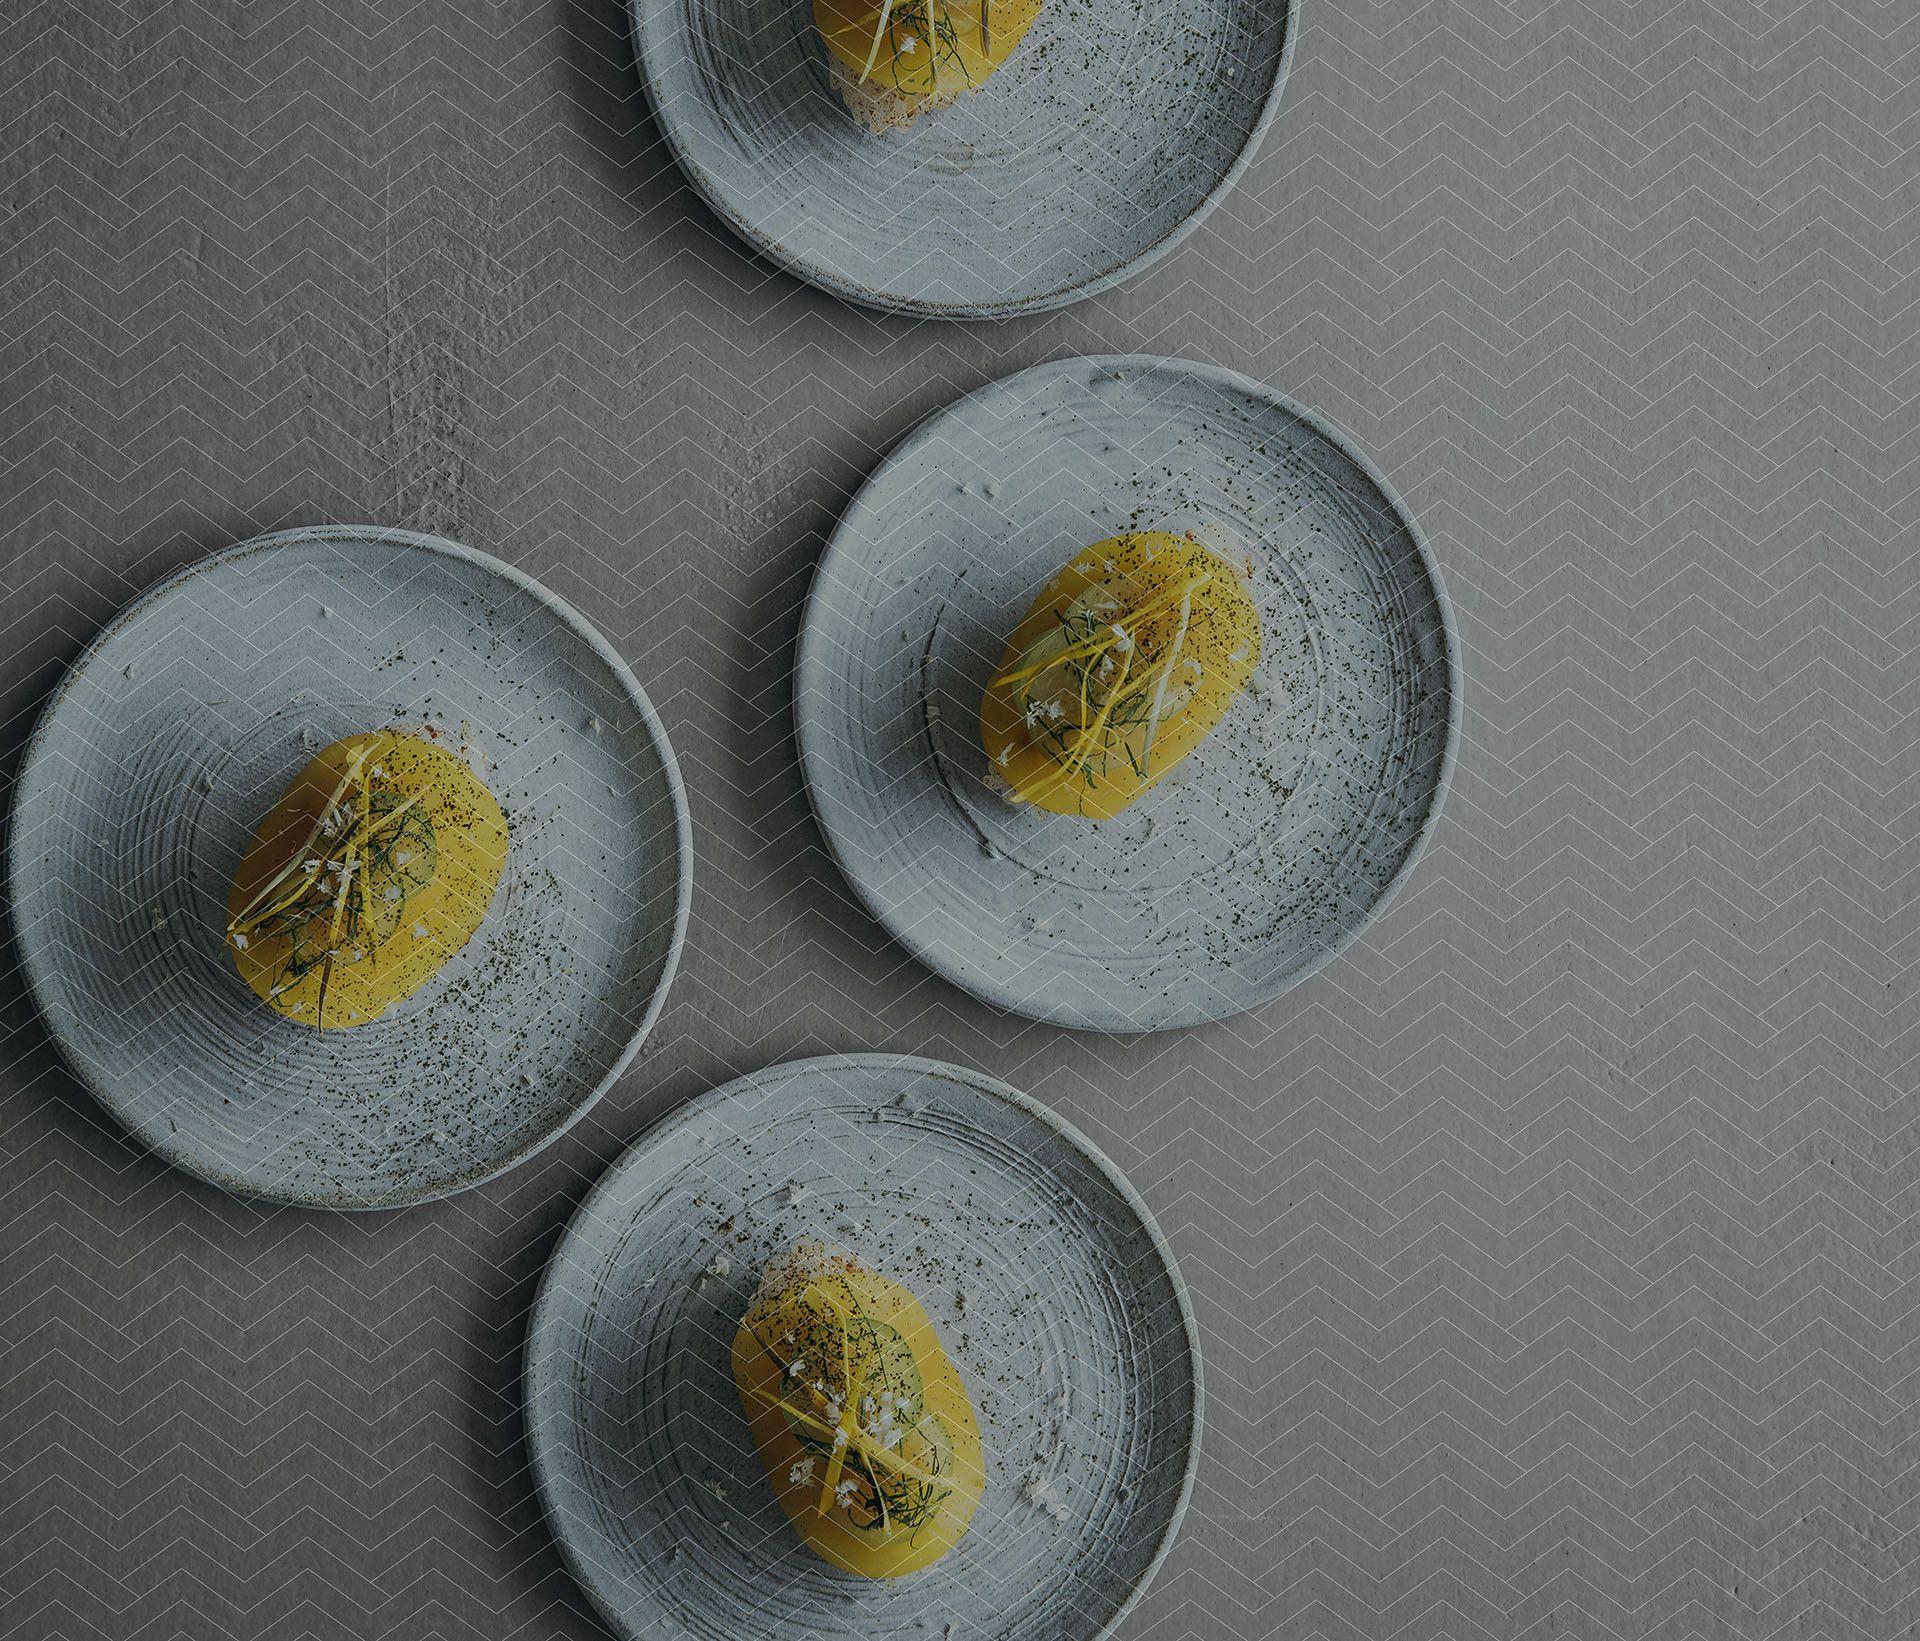 Hvor Restaurant Gastronomique A Griffintown Montreal Downtown Restaurants Gastronomic Organic Ingredients